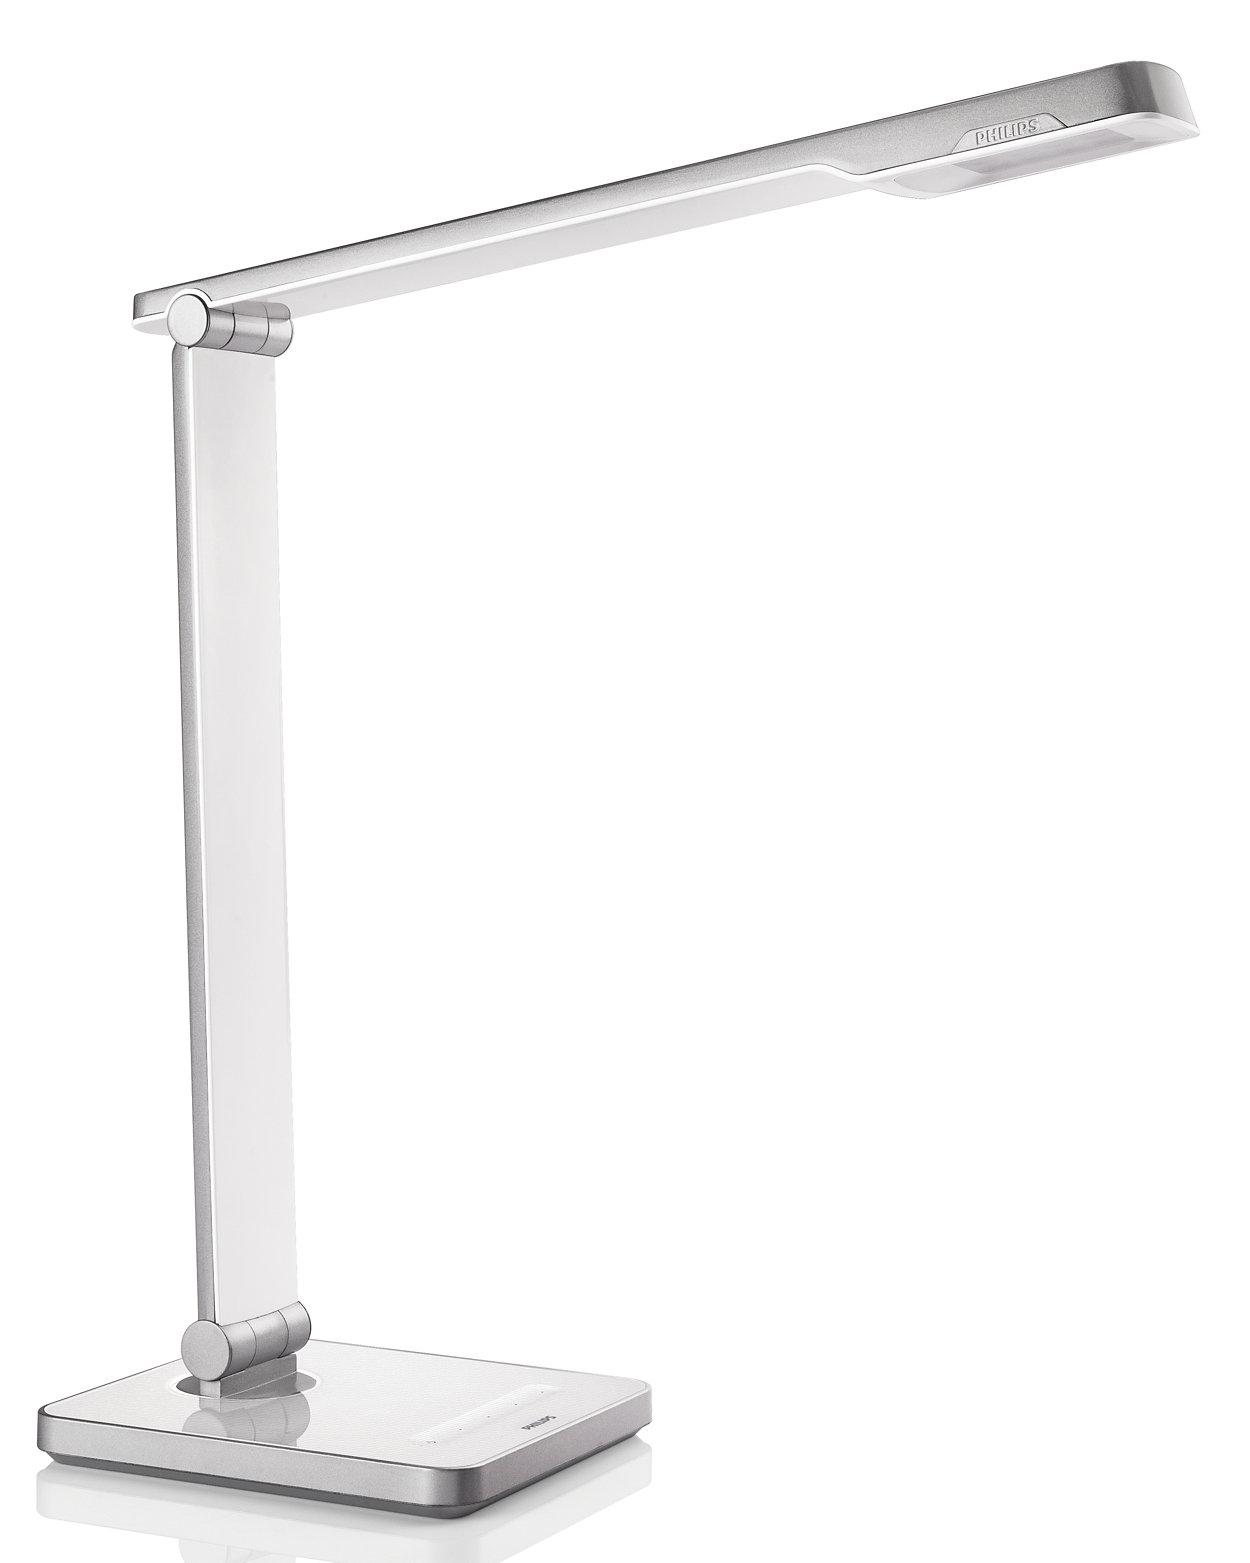 Uzlabots galda apgaismojums, jo komforts ir nozīmīgs